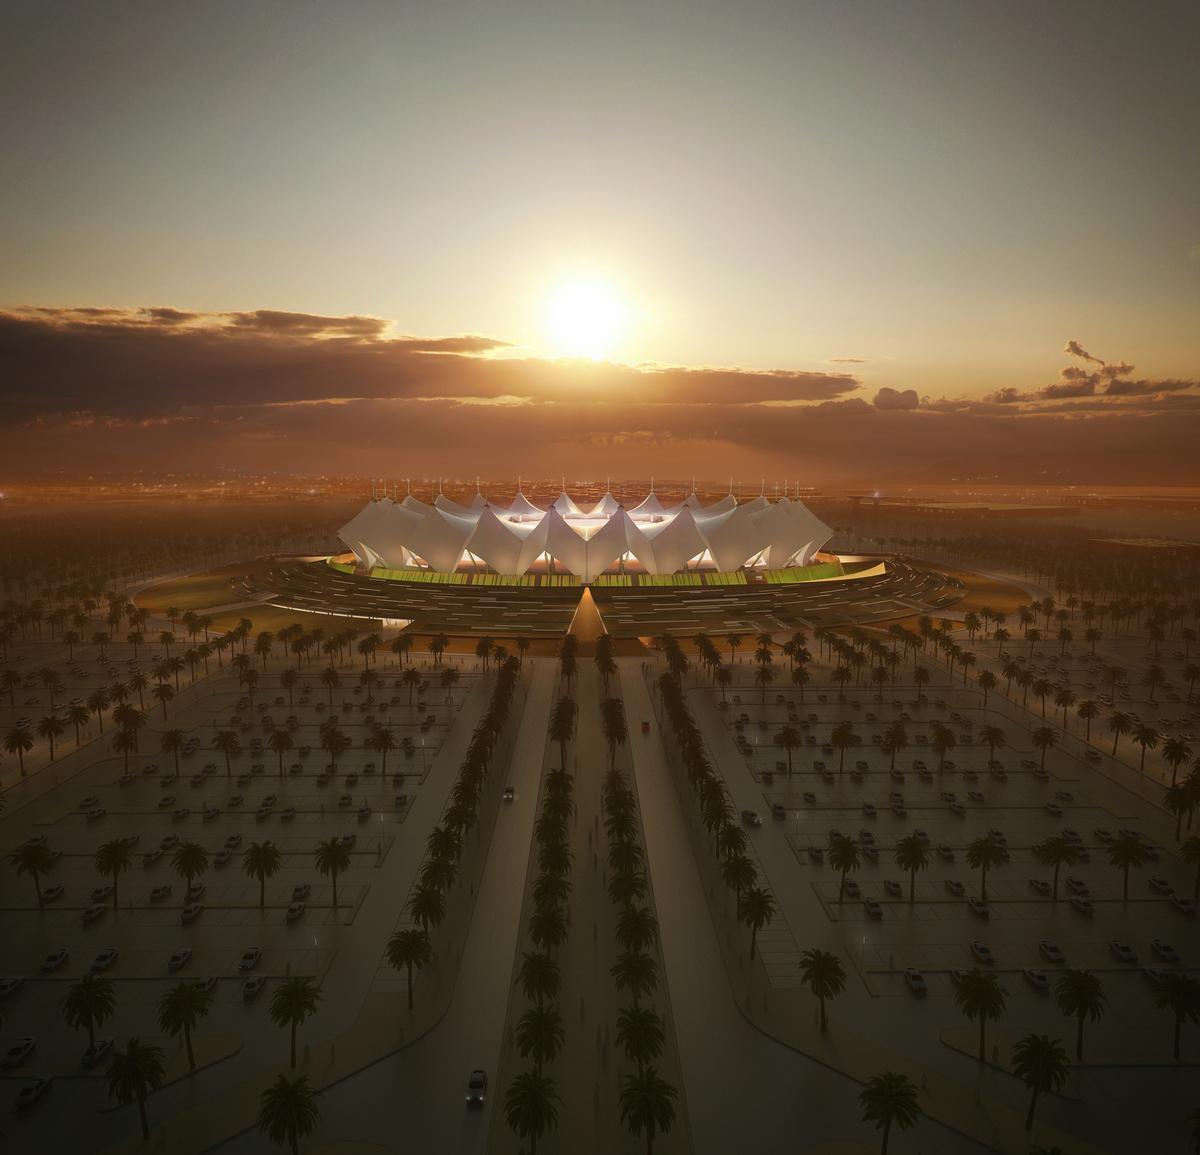 The stadium will have 50,000 seats when the refurbishment is complete / Schiattarella Associati